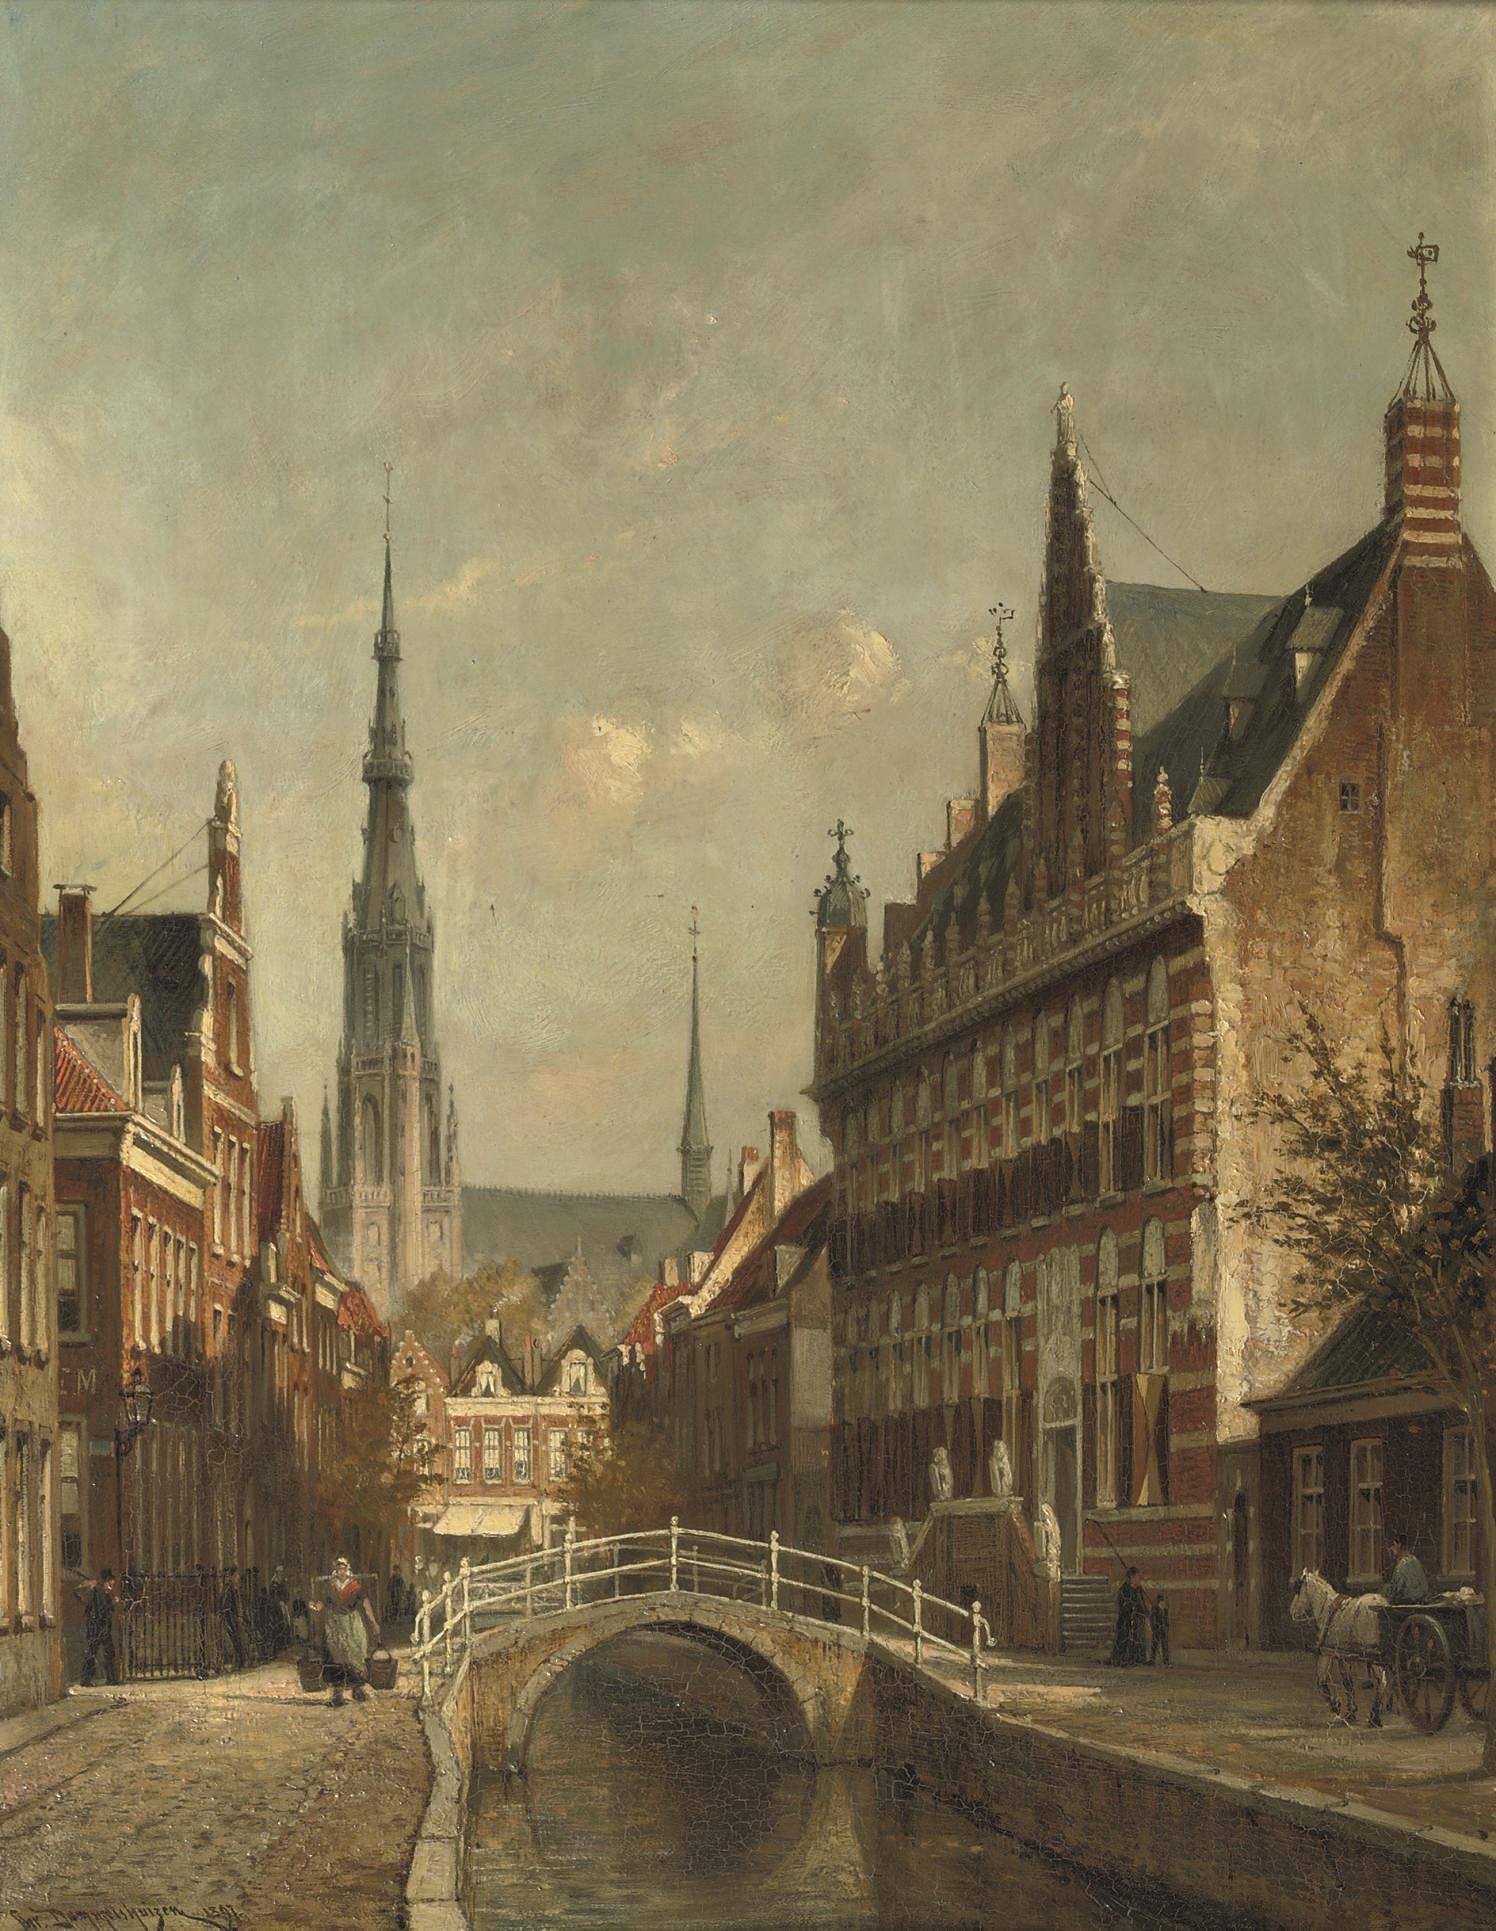 De kanselarij te Leeuwarden: a sunlit canal